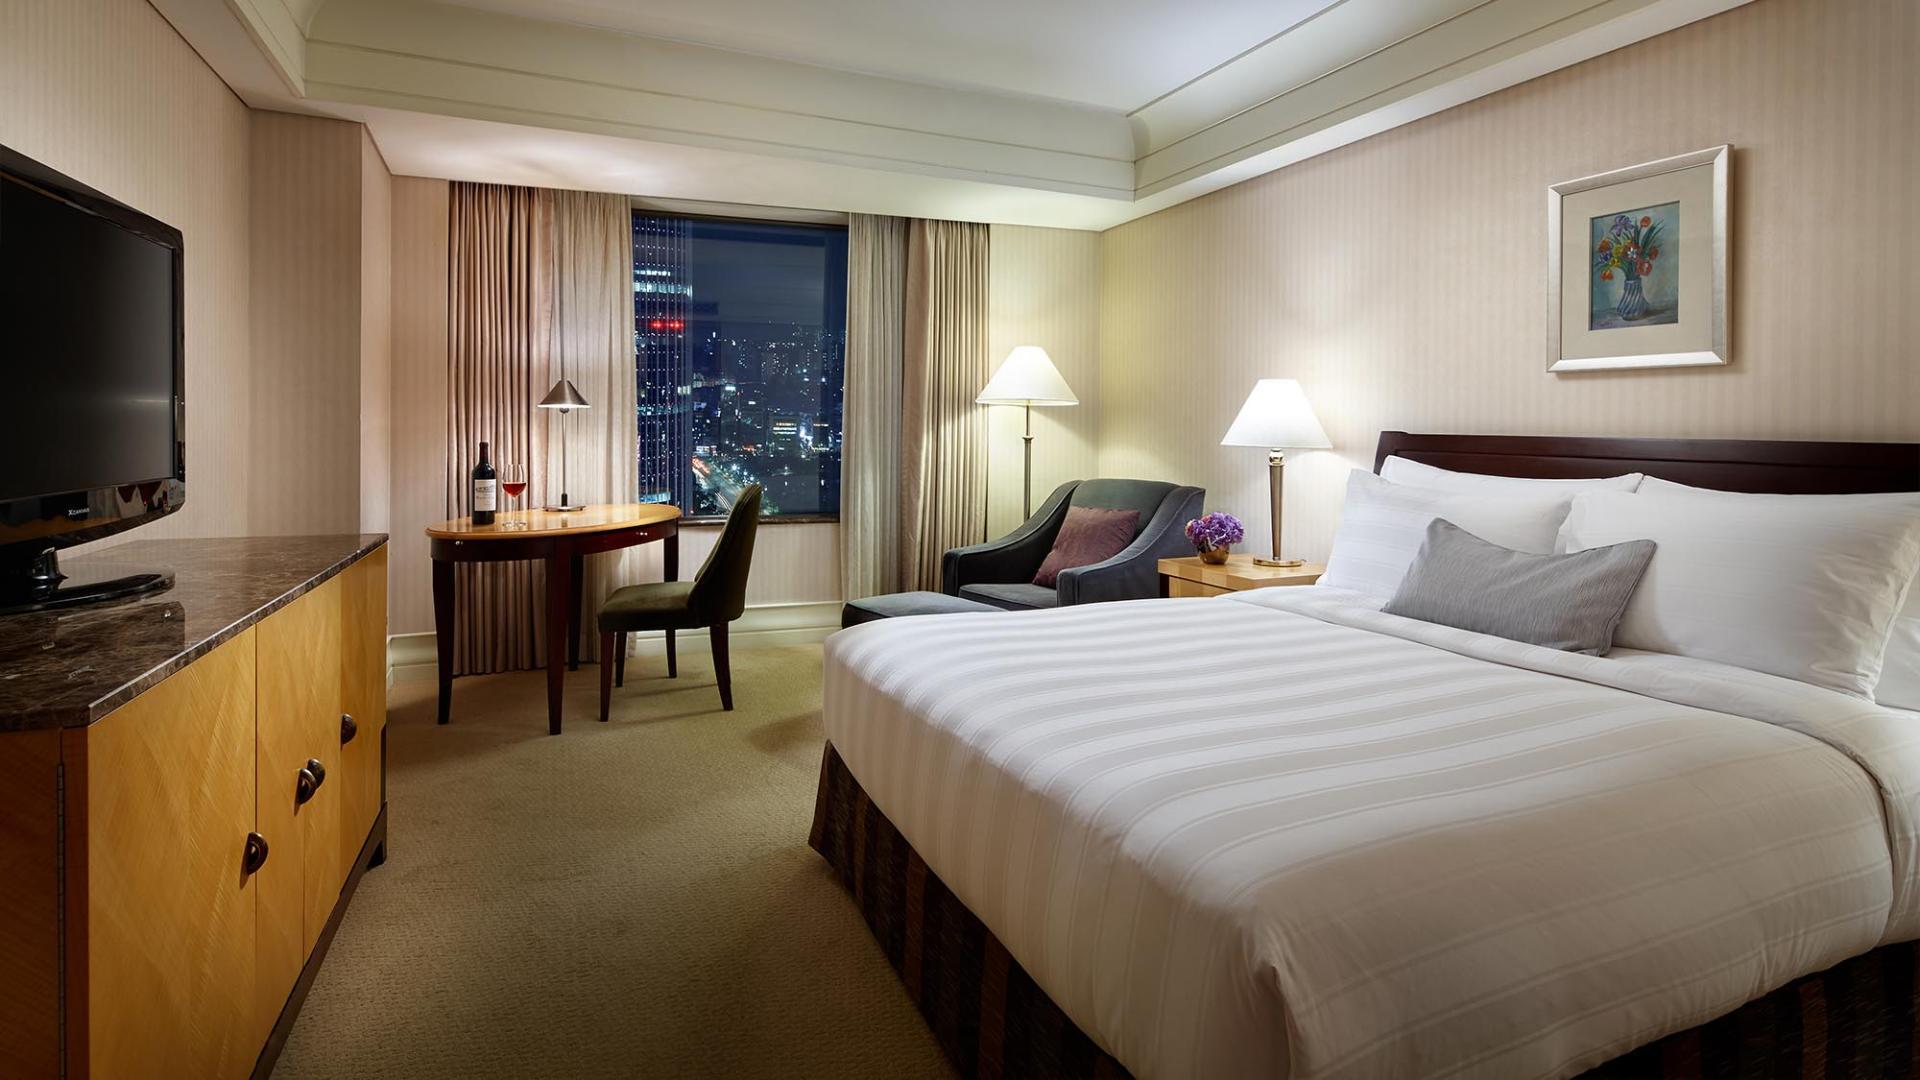 acc-world-hotel